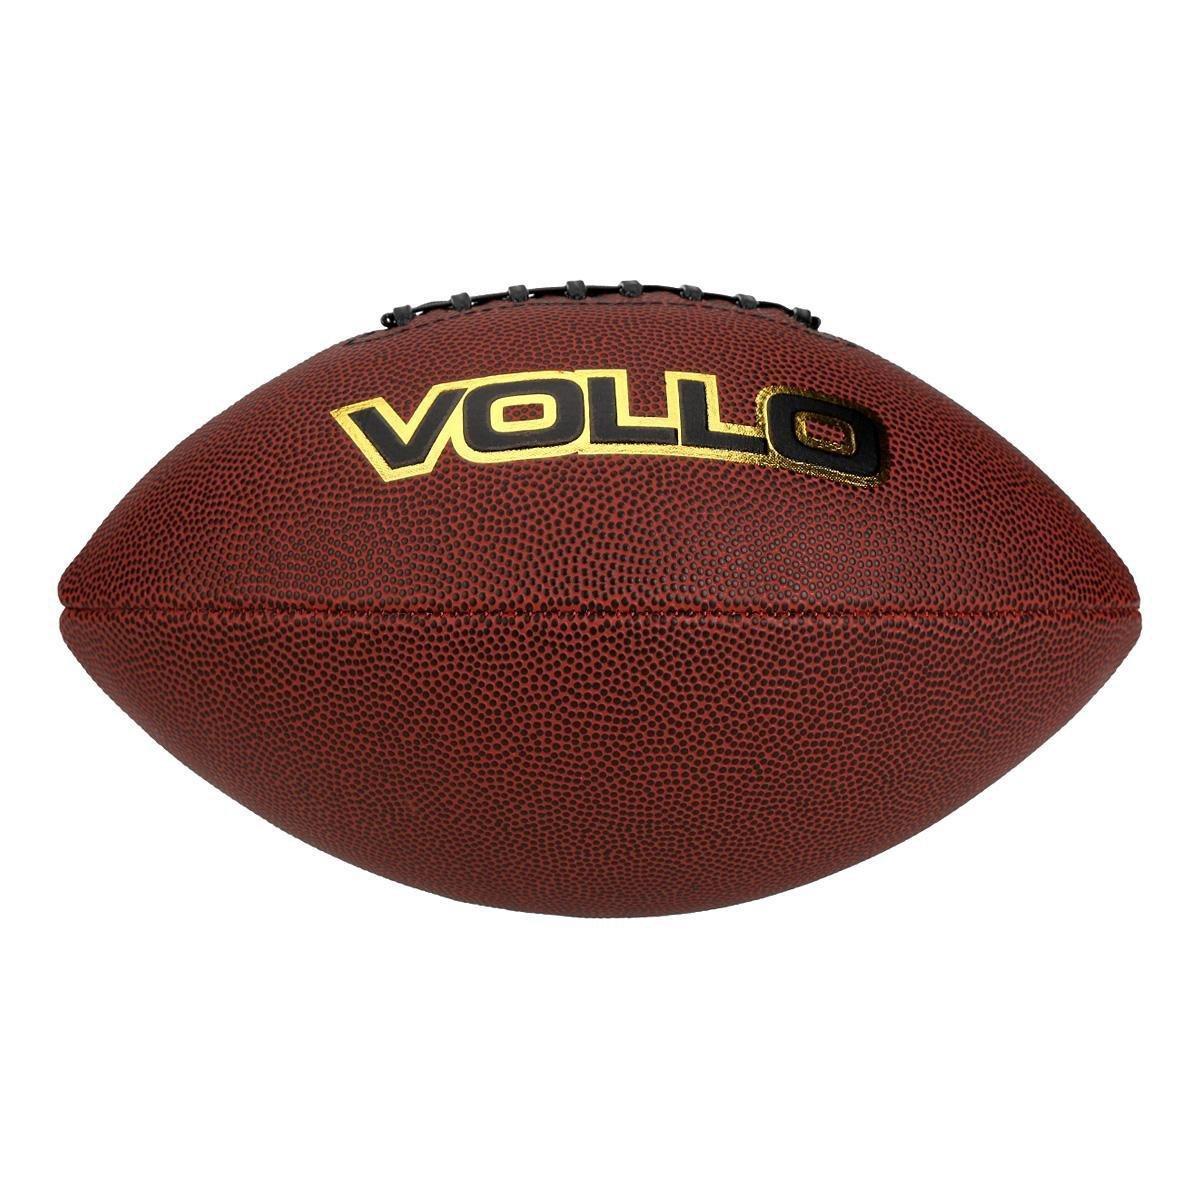 Bola De Futebol Americano Vollo 9 - Marrom - Compre Agora  e6a4deb7833f6